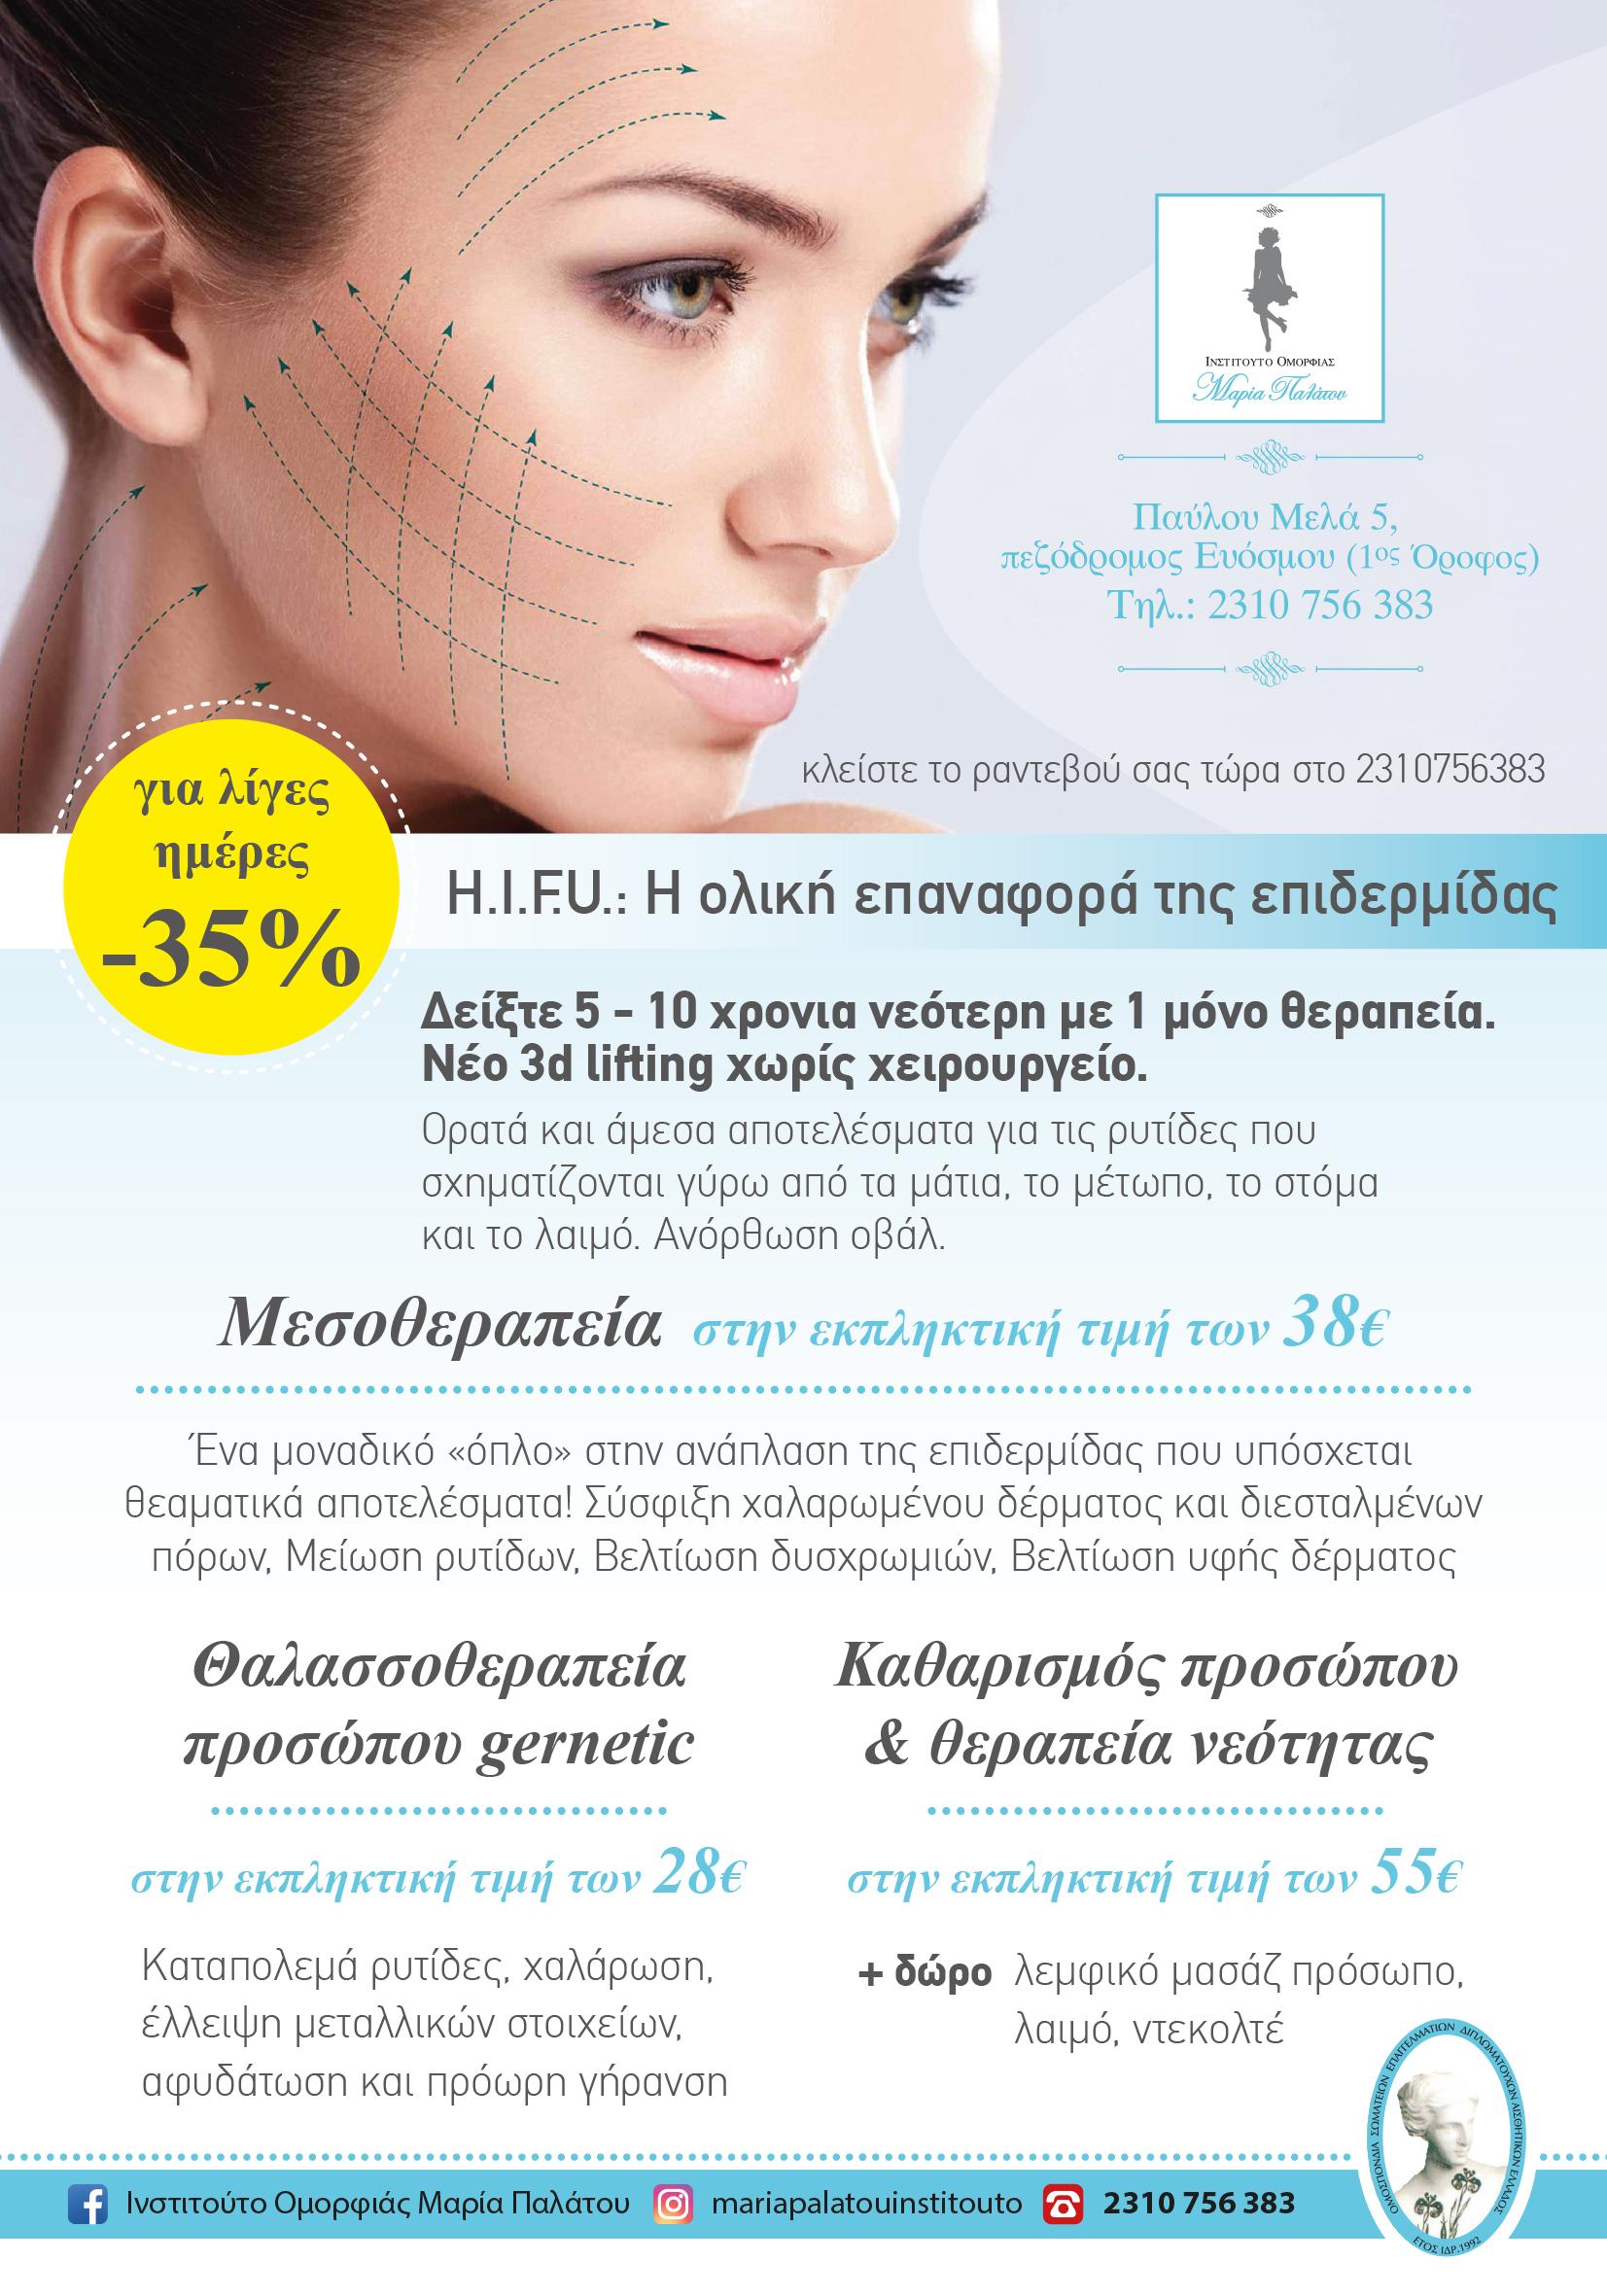 Μοναδικές προσφορές σε πρόσωπο και σώμα εώς -50%